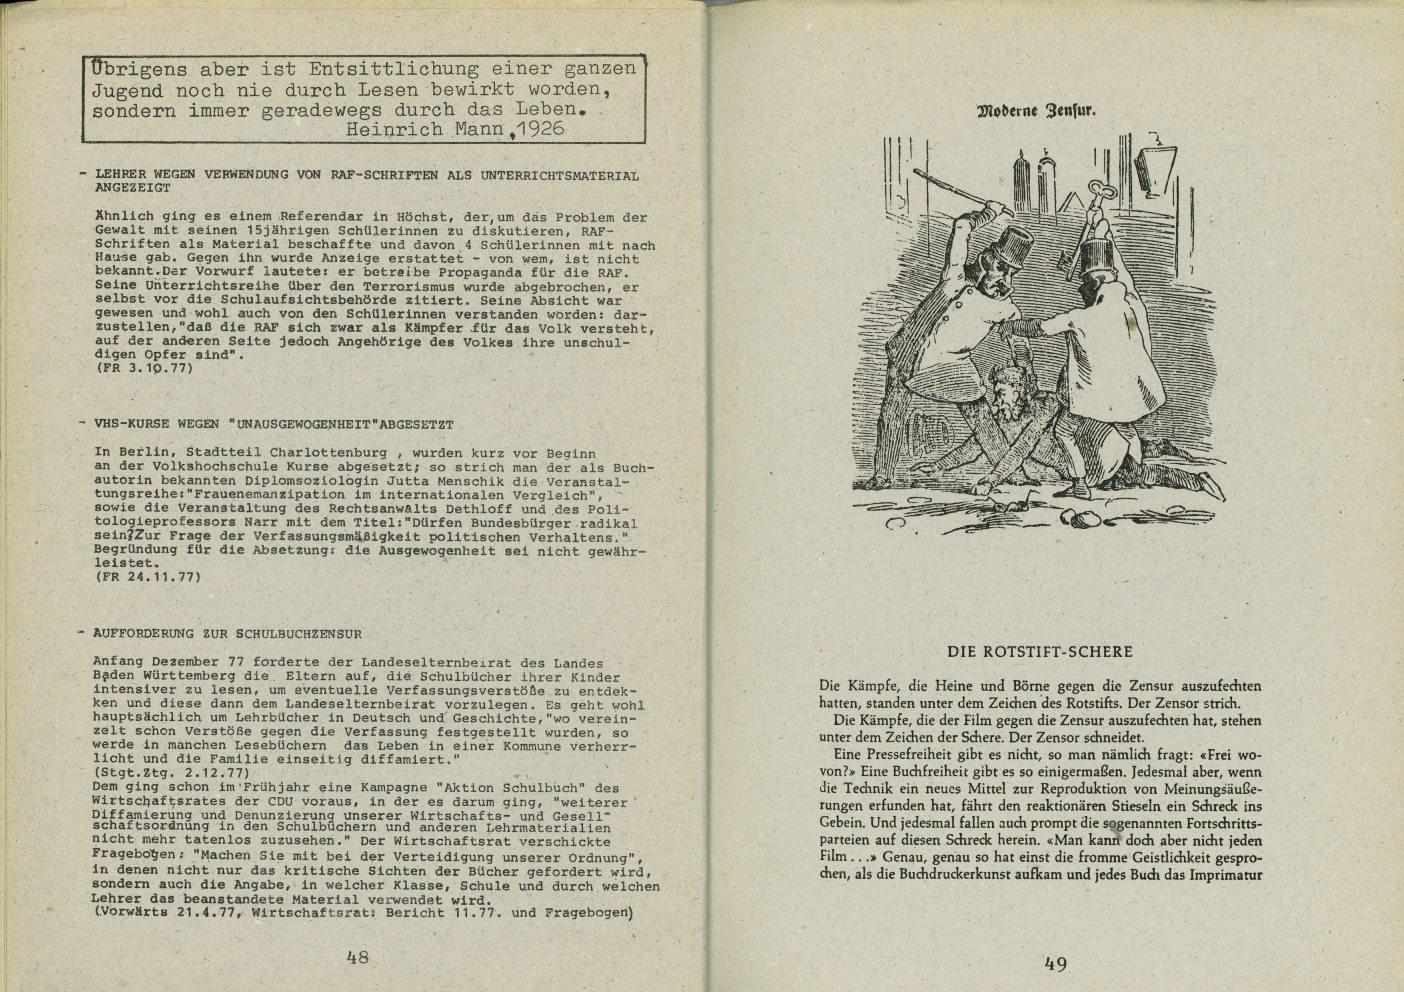 Stuttgart_AGRT_Menschenrechtsverletzungen_Leseheft_1978_26